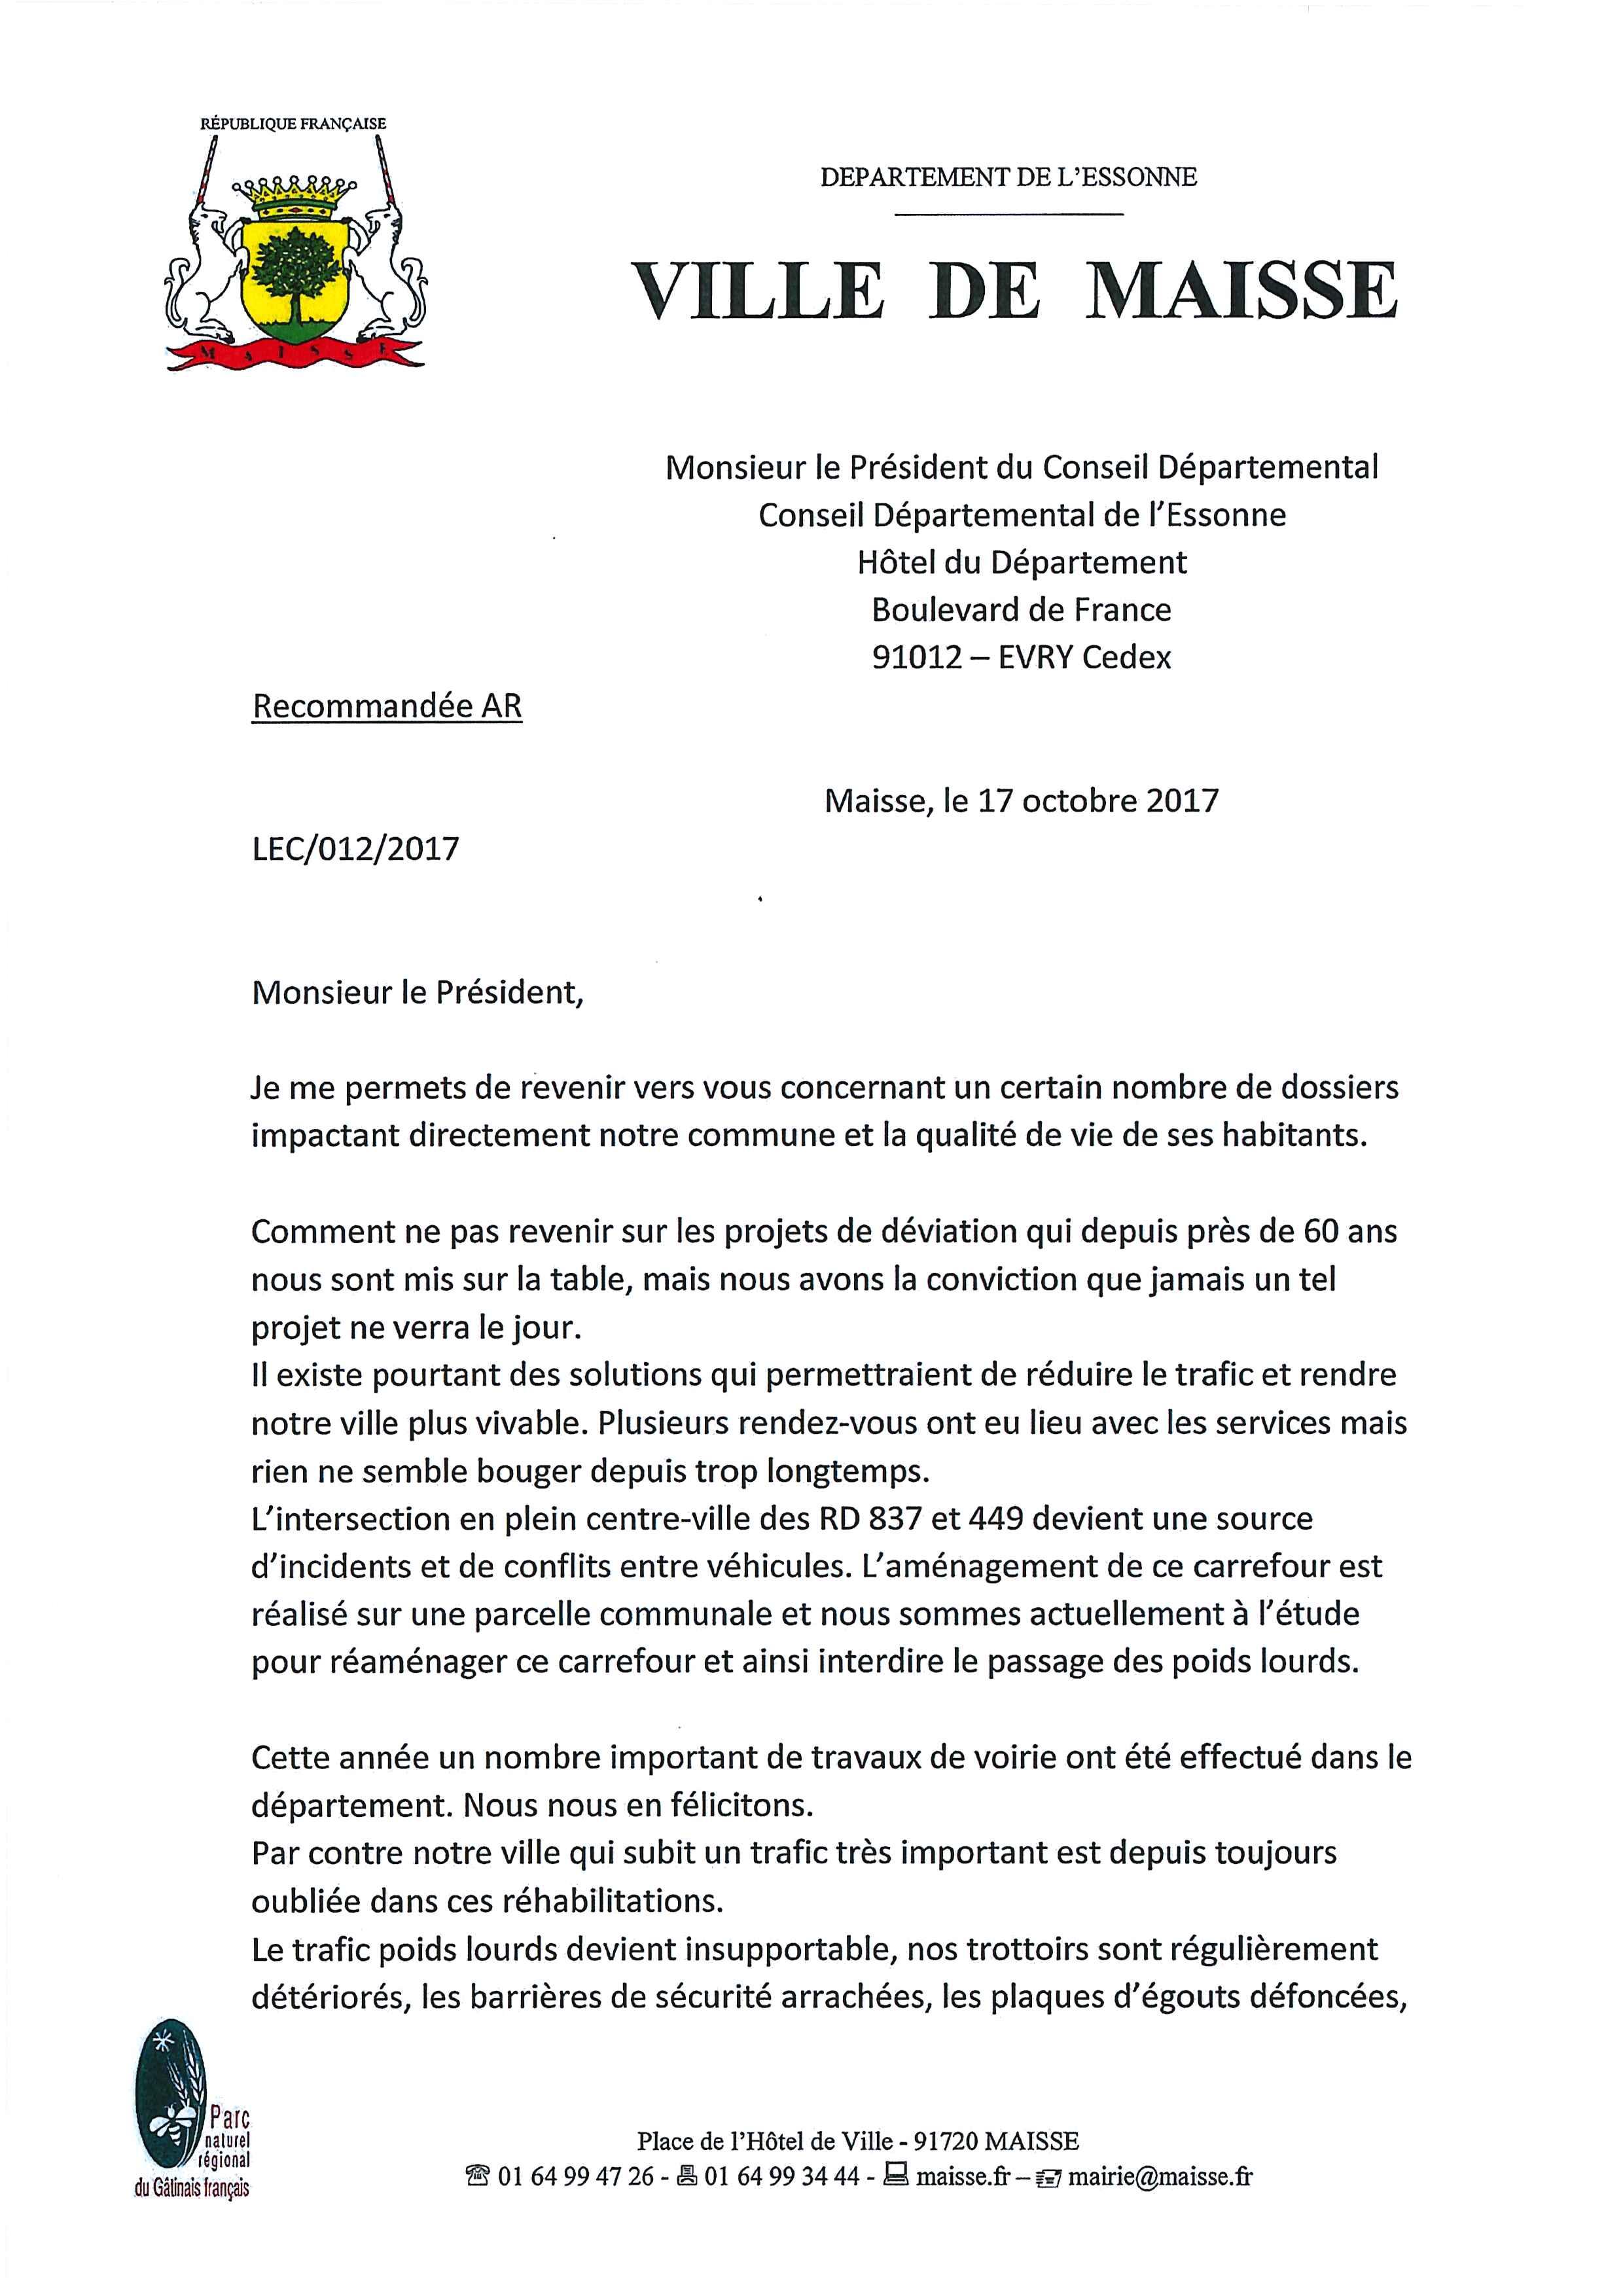 Lettre au Conseil Départemental du 17 Octobre 2017